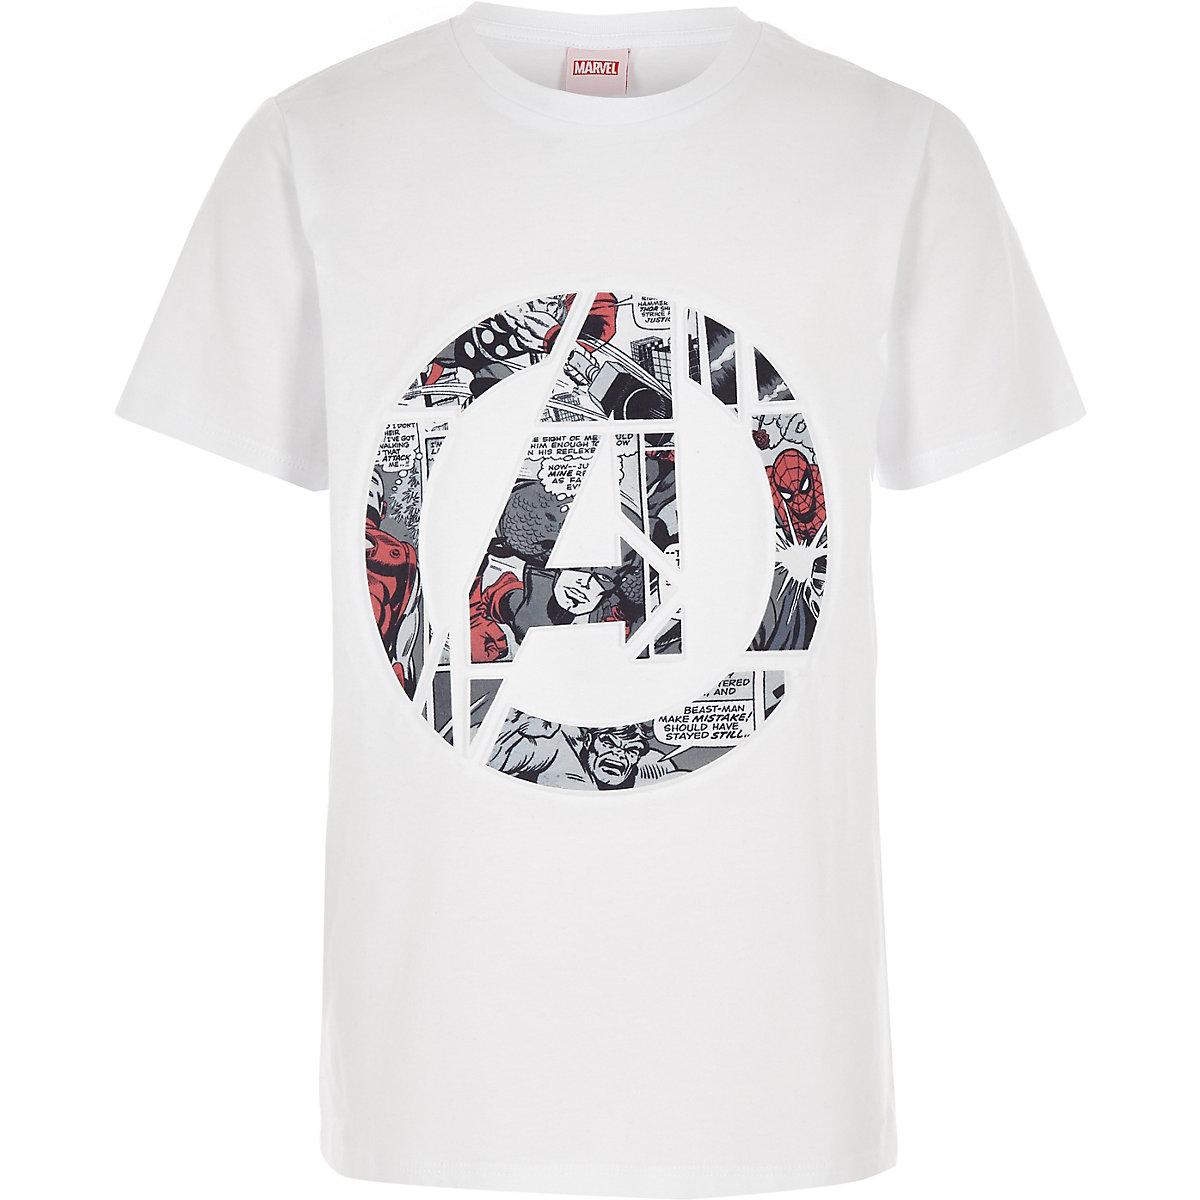 Boys white Marvel Avengers T-shirt